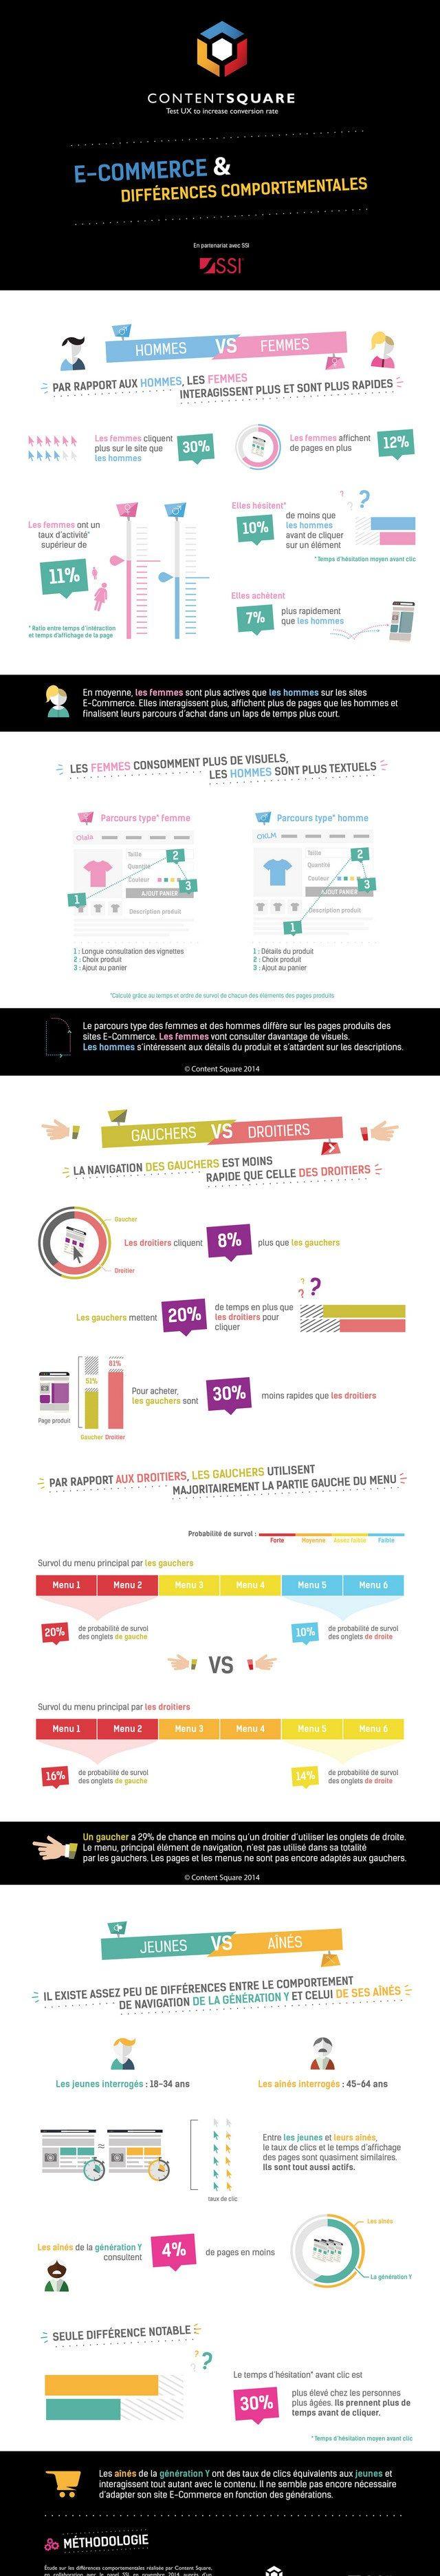 Infographie : Comparaison des comportements e-commerce